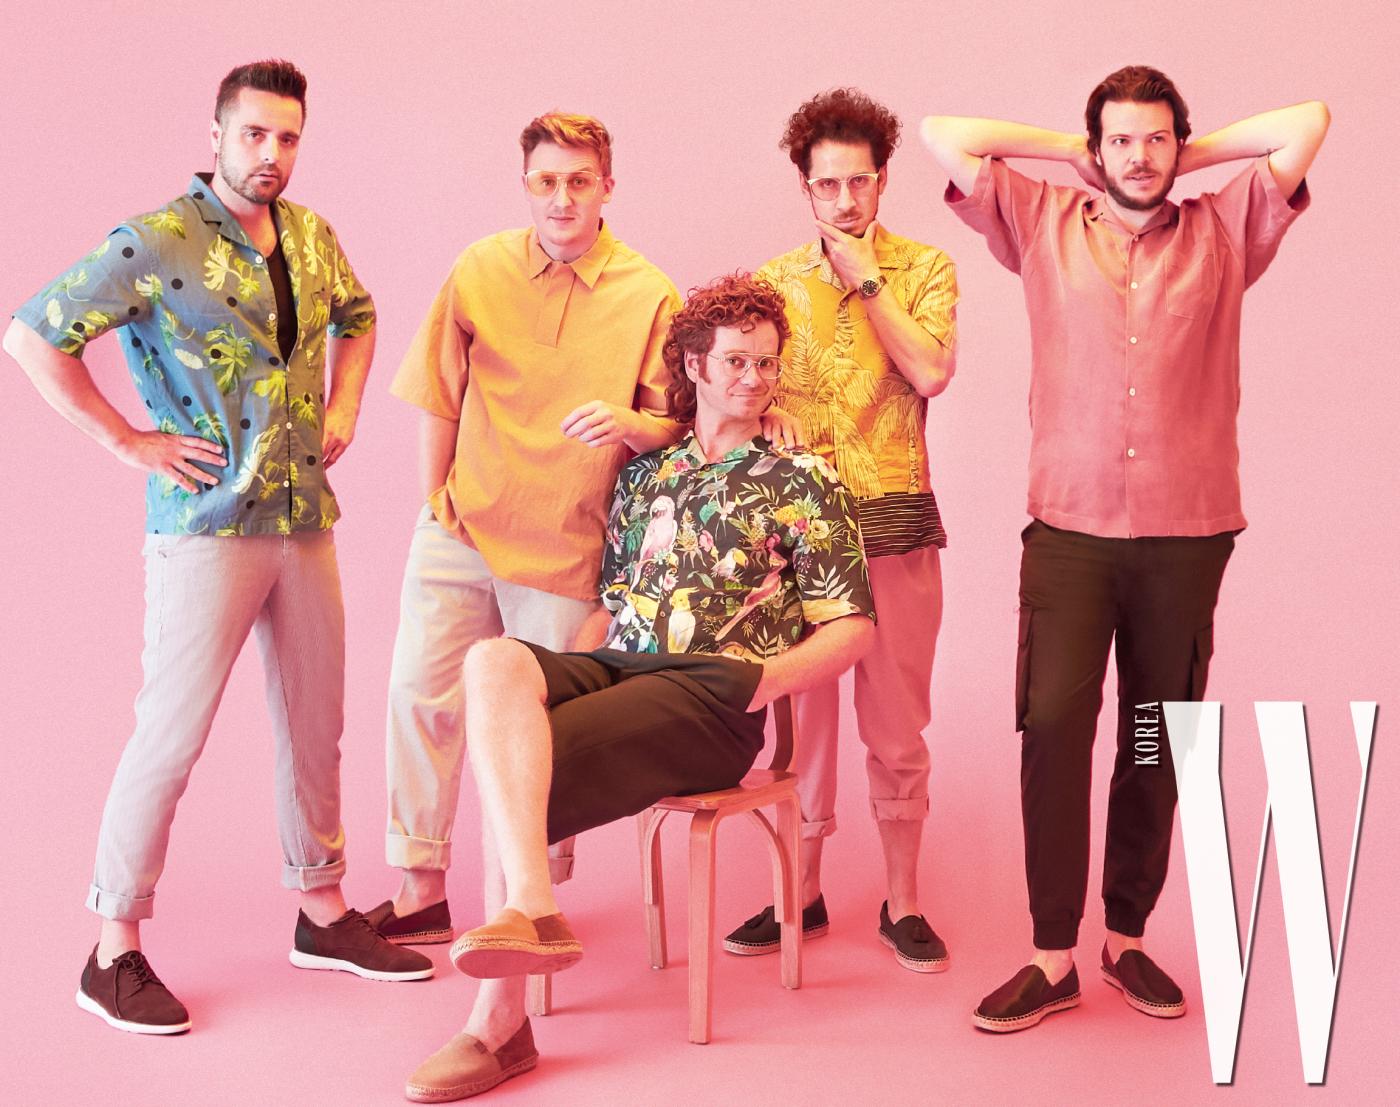 테리(Terry)가 입은 화려한 패턴의 하늘색 셔츠는 커스텀멜로우, 팬츠는 자라맨, 브라운 신발은 마시모두띠 제품. 크리스(Chris)가 입은 노란색 톱과 팬츠는 코스, 노란 틴티드 선글라스는 키블리, 여름 느낌이 나는 브라운 신발은 마시모두띠 제품. 데이브(Dave)가 입은 화려한 새 프린트의 셔츠는 커스텀멜로우, 블랙 팬츠는 코스, 브라운 신발은 마시모두띠 제품. 앤디(Andy)가 입은 야자수 프린트의 노란색 셔츠와 분홍색 팬츠는 자라, 남색 신발은 마시모두띠 제품. 캐머런(Cameron)이 입은 분홍색 셔츠는 커스텀멜로우, 검정 팬츠는 준지, 검정 신발은 마시모두띠 제품.